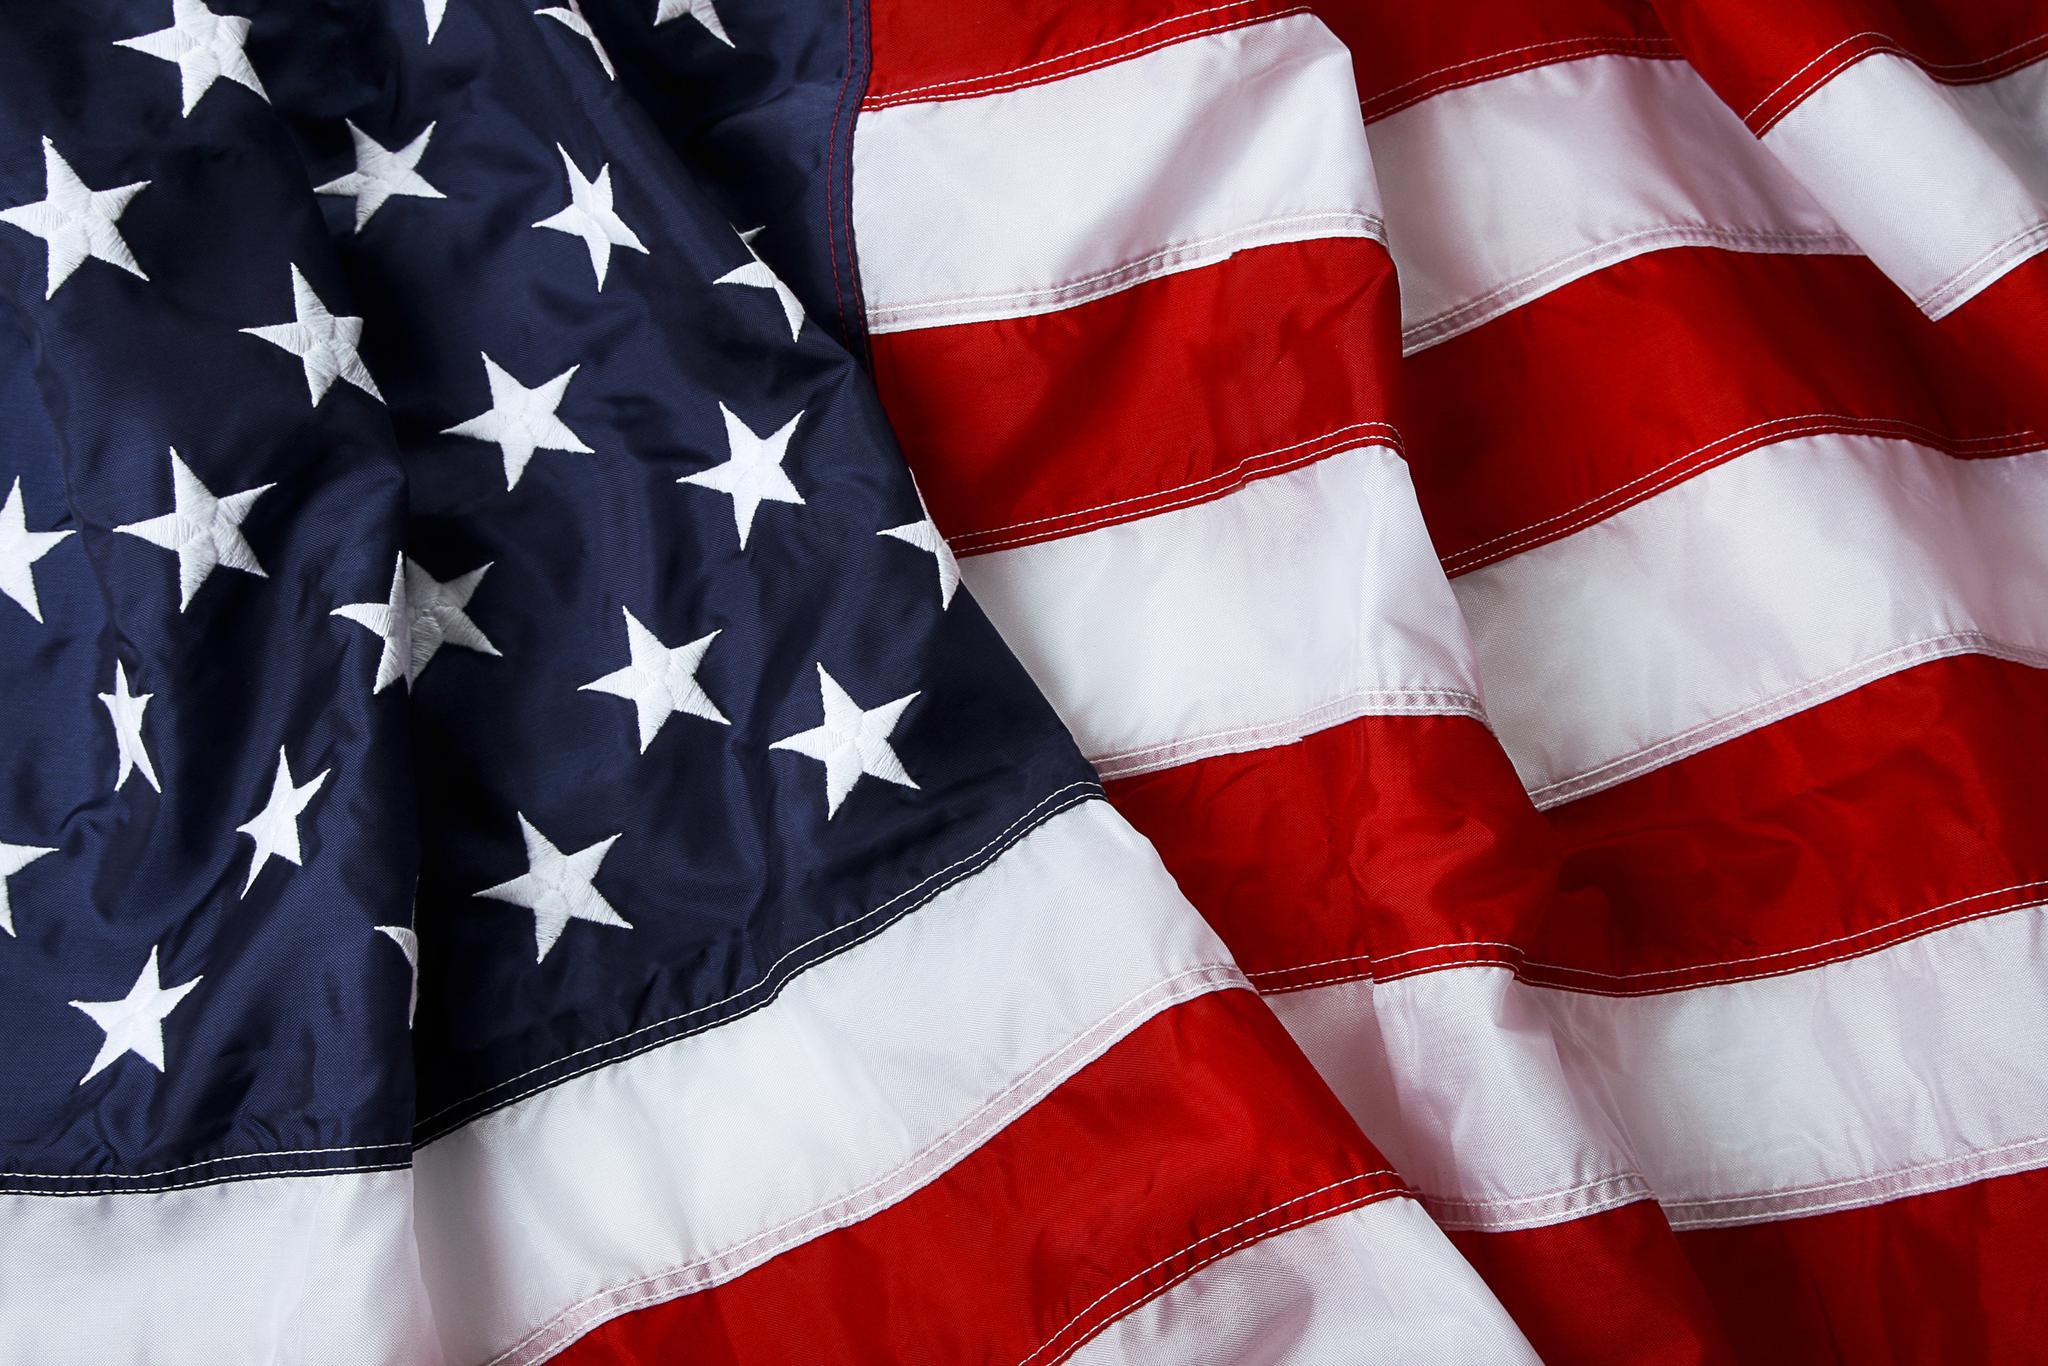 USA właśnie wystosowało oficjalny list do Polski. Zapisy są KATASTROFALNE